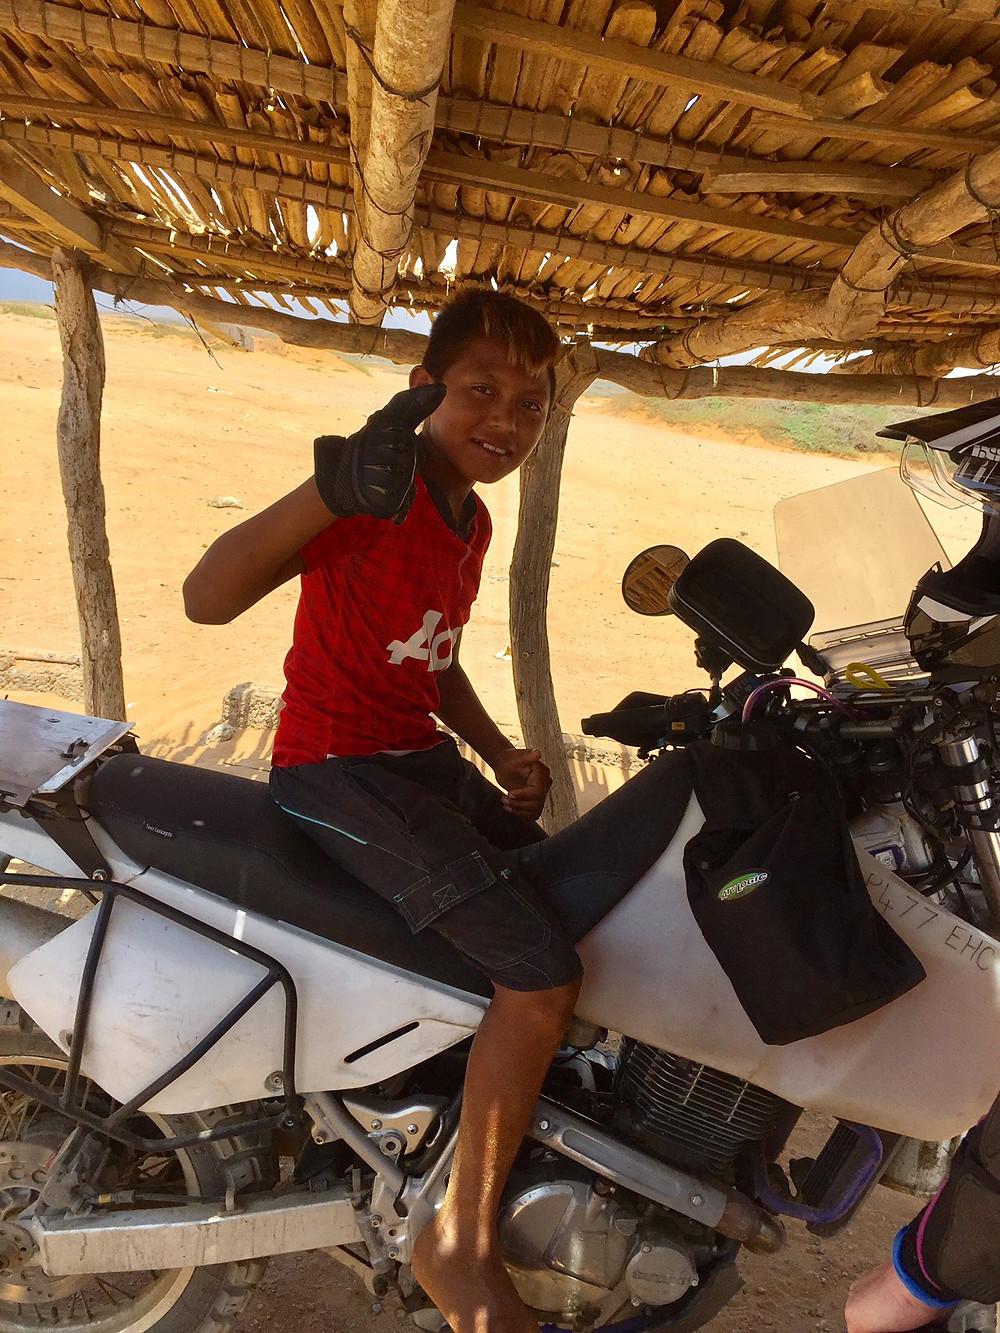 Biker-boy enjoying my bike